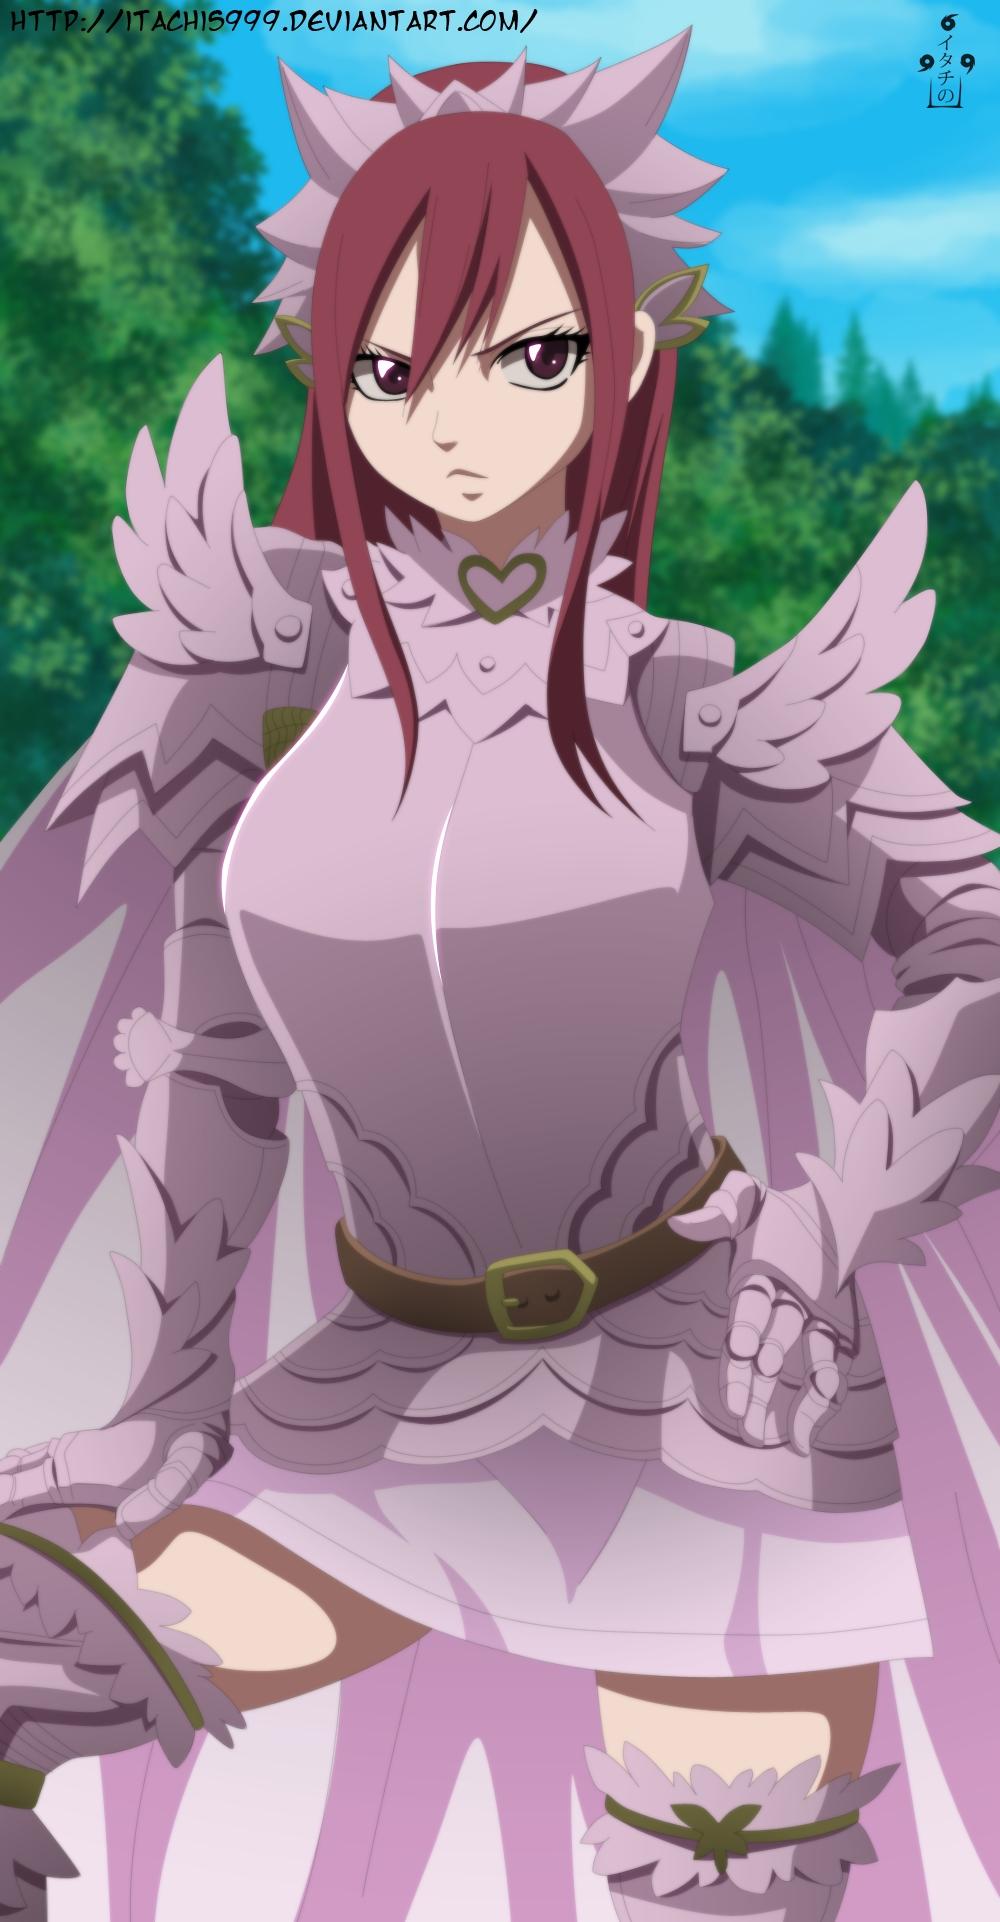 erza scarlet fanart page 6 zerochan anime image board